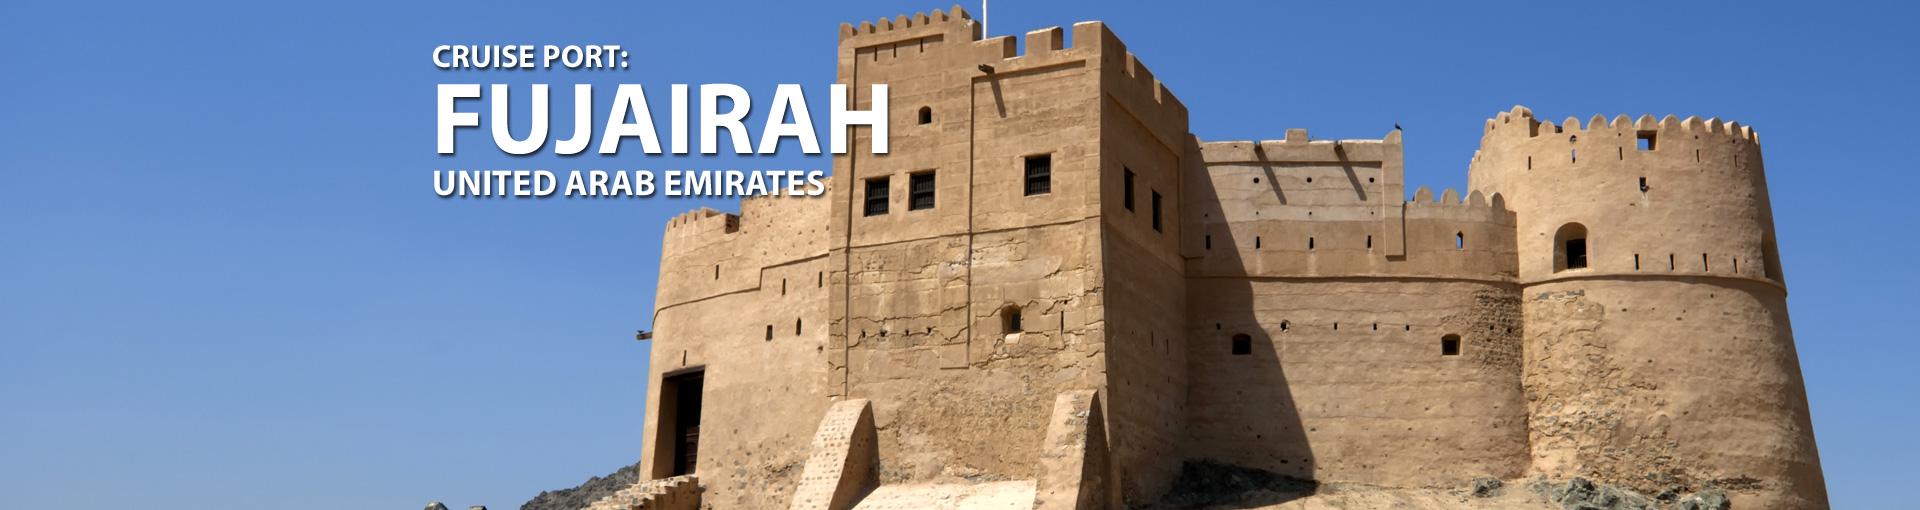 Cruise Port: Fujairah, United Arab Emirates